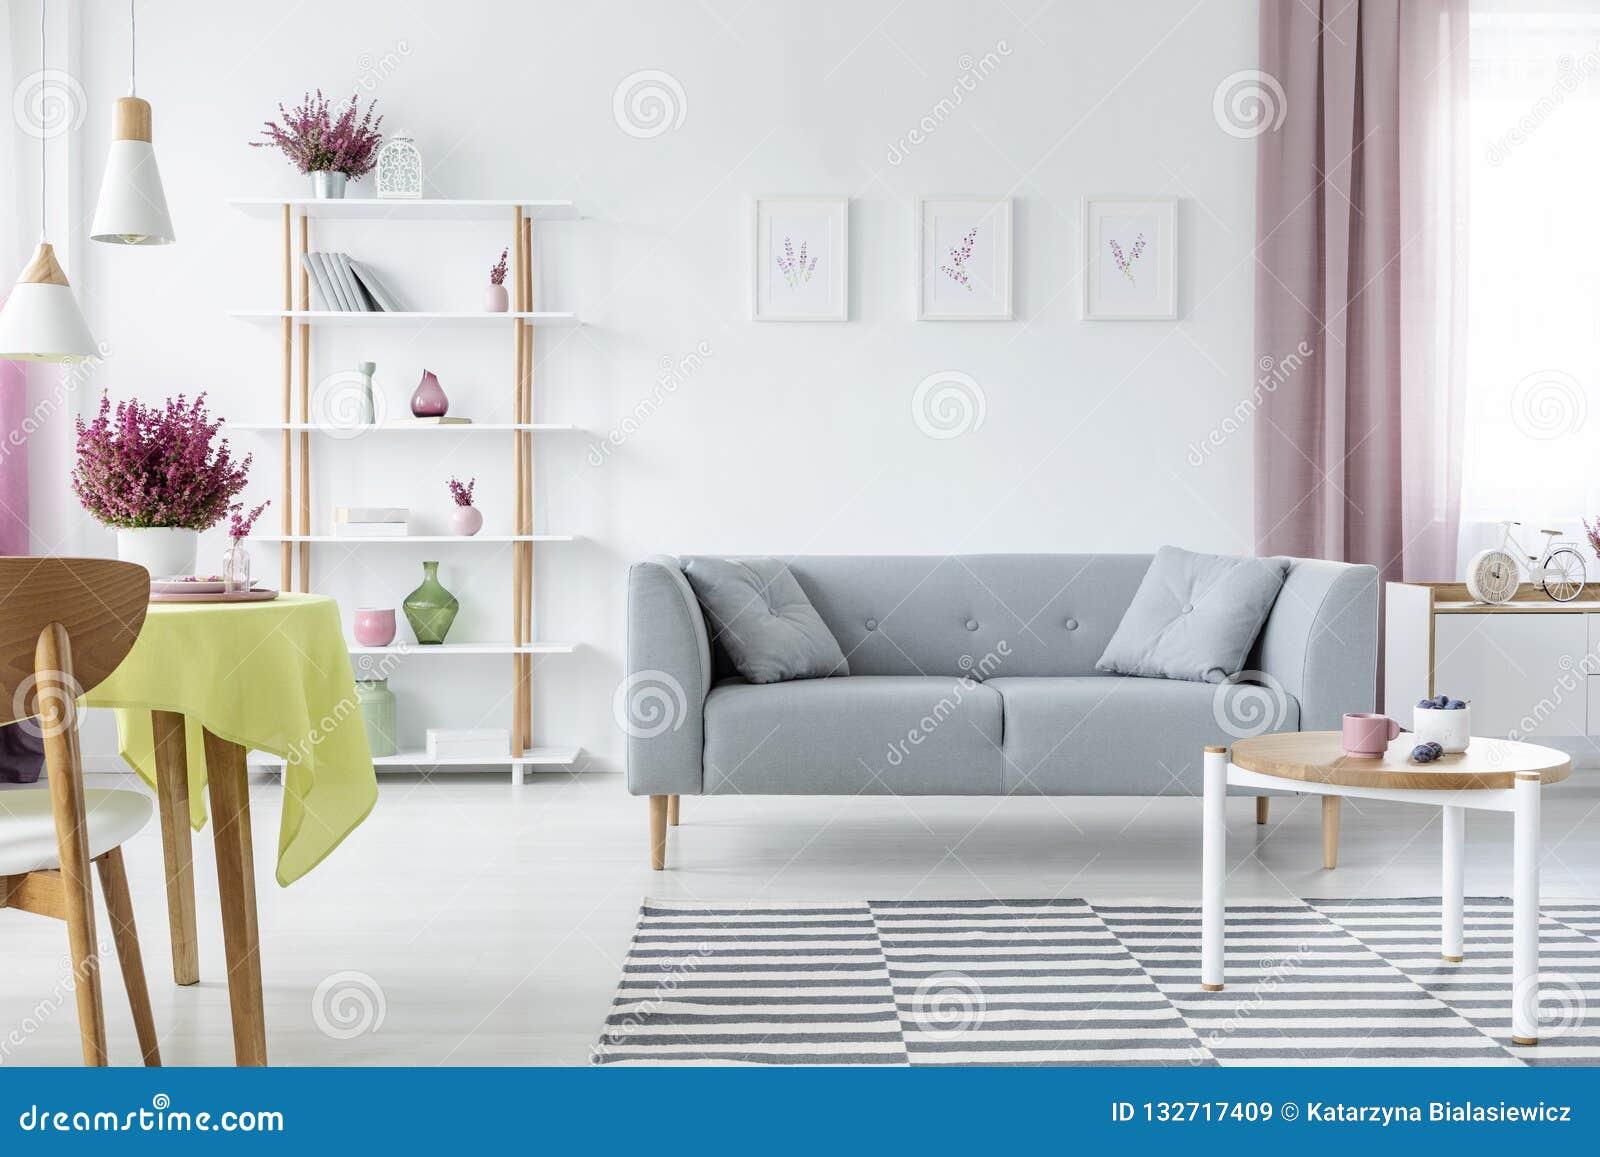 Binnenlands ontwerp met comfortabele Skandinavische laag, houten koffietafel, gestreepte deken en grafiek op de vloer, echte foto